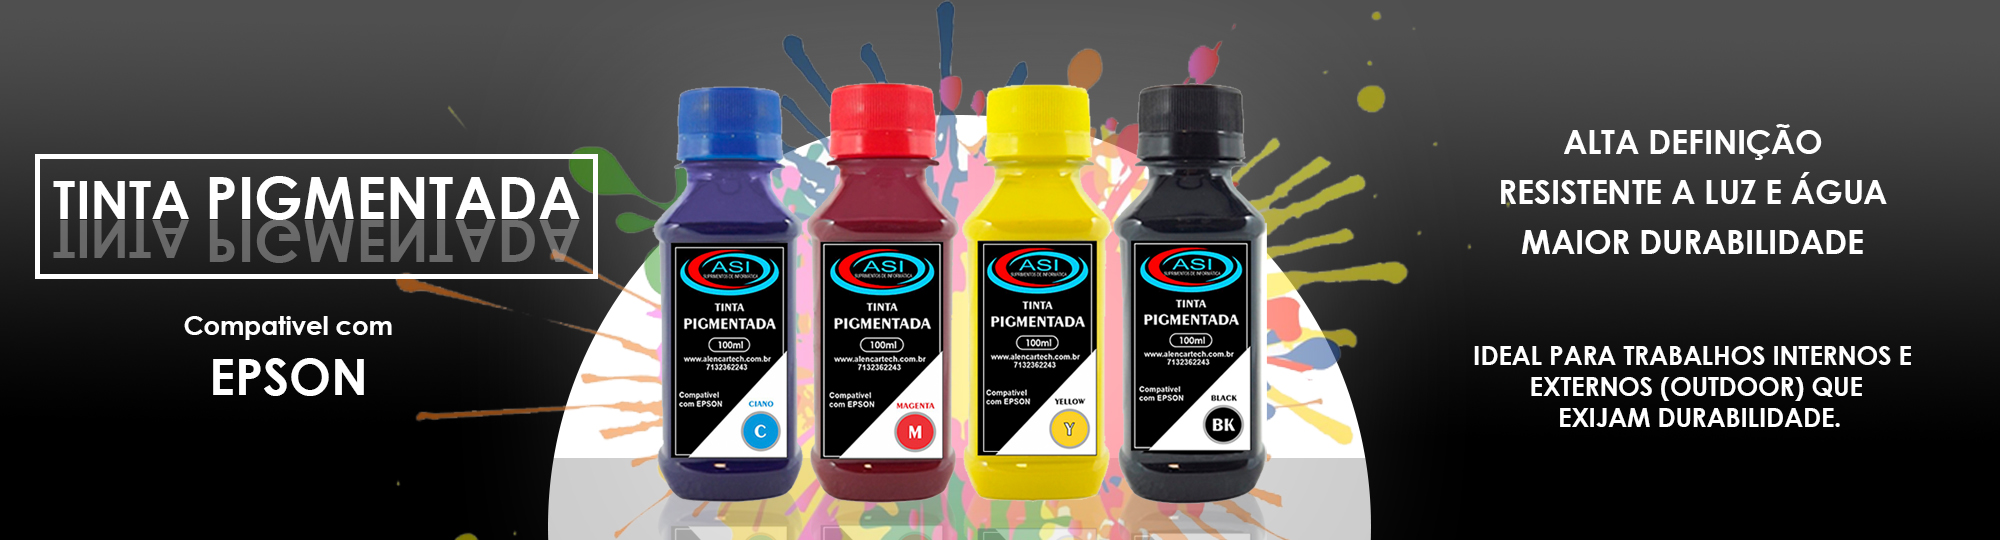 tinta pigmentada asi